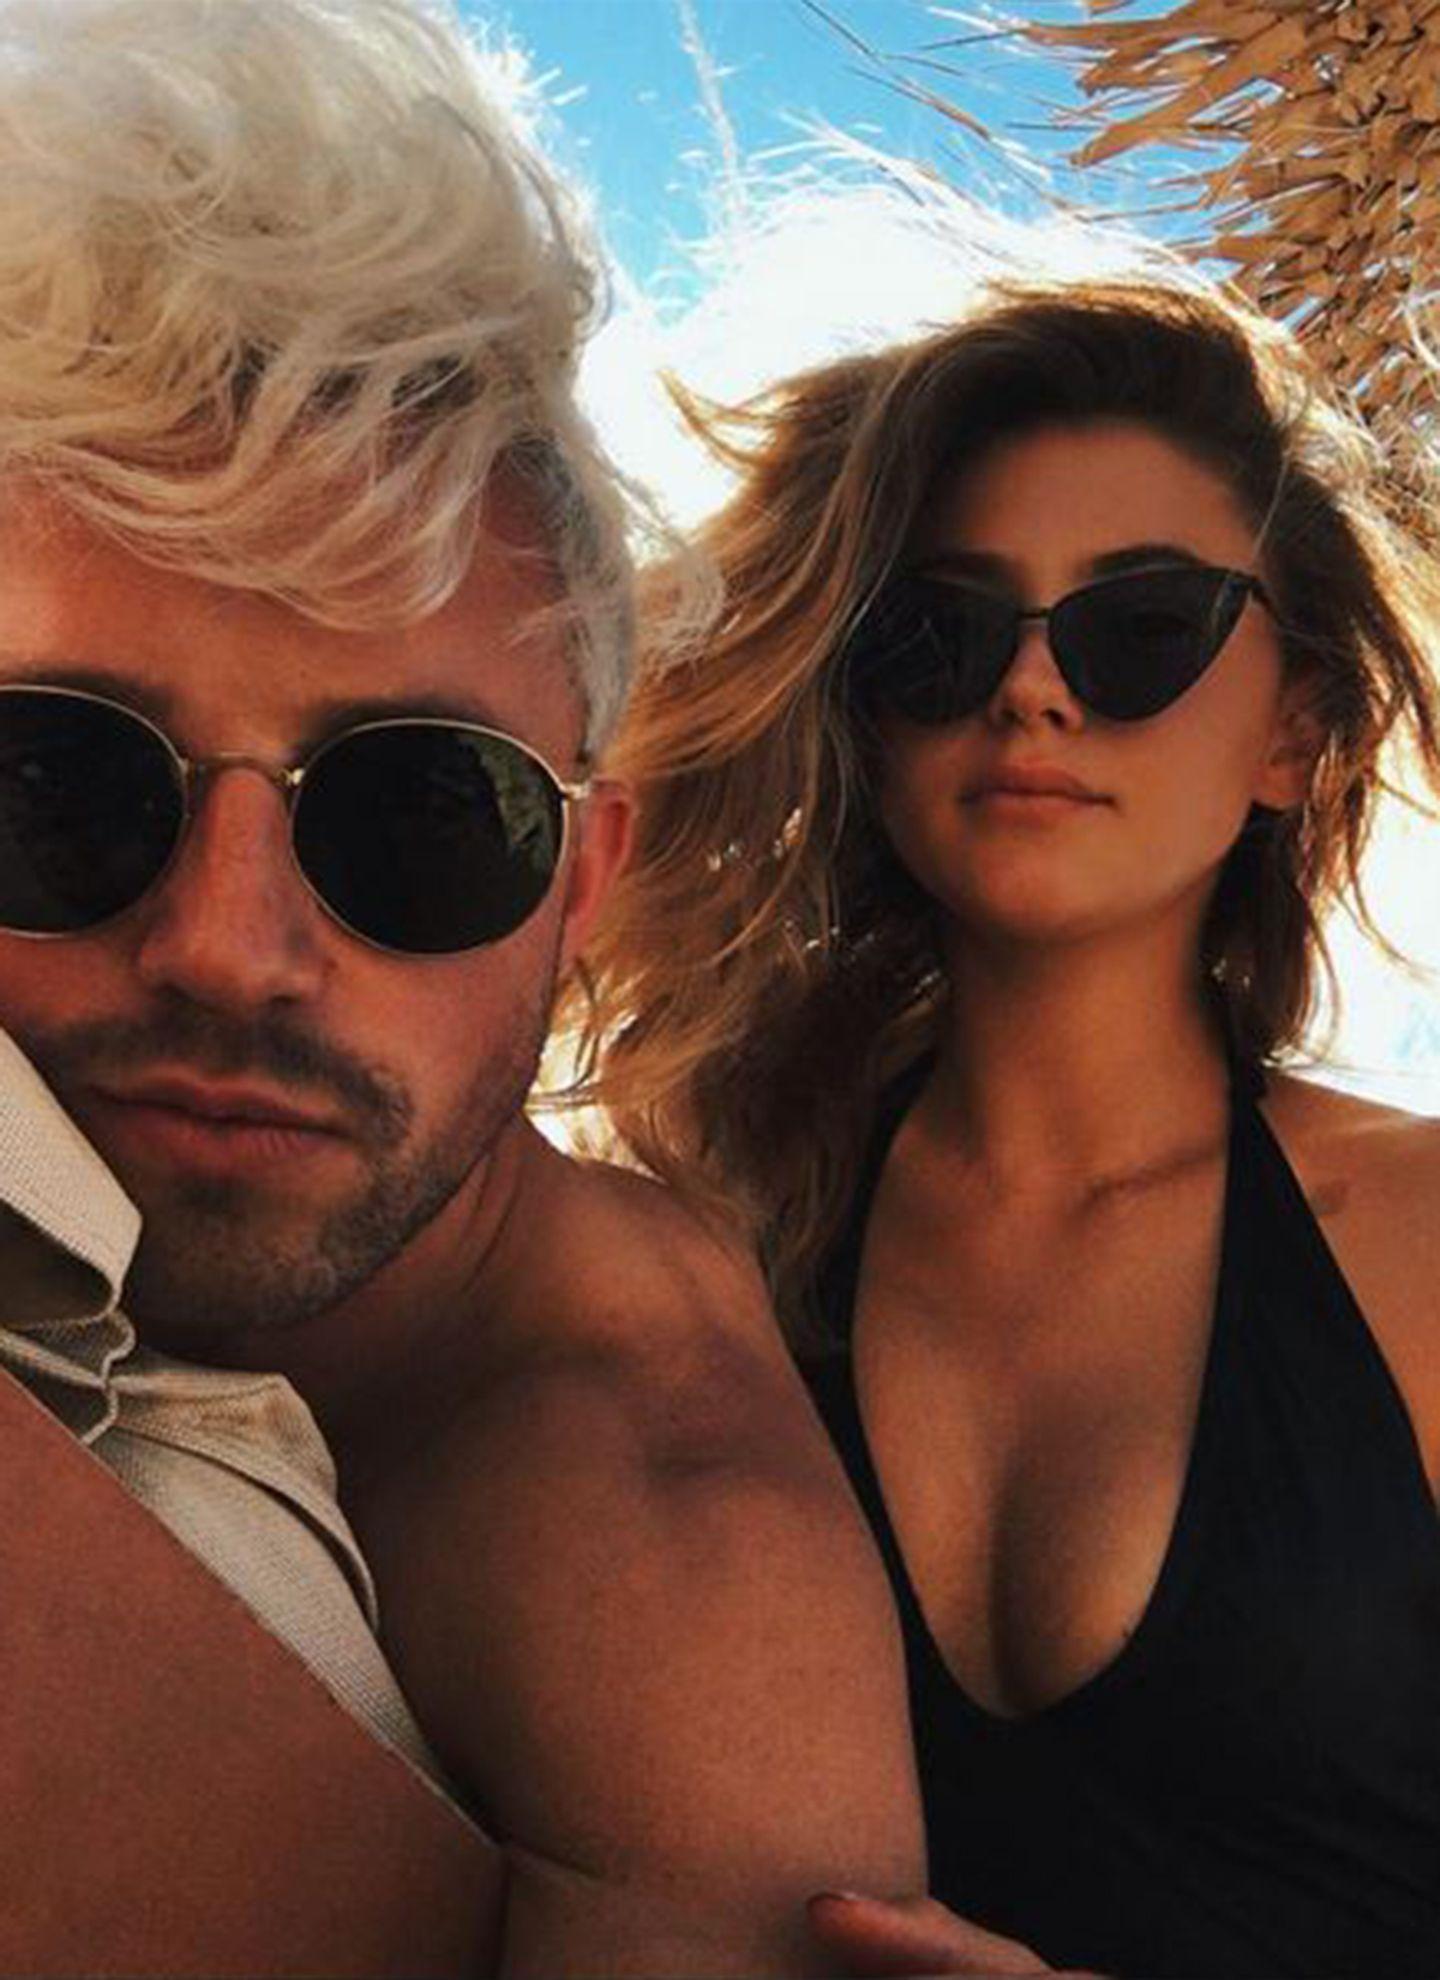 Als Bikini-Beauty muss natürlich eine besondere Sonnebrille her. Stefanie Giesinger hat sich deshalb für ein Cateye-Modell entschieden, das die Sixties wieder aufleben lässt.